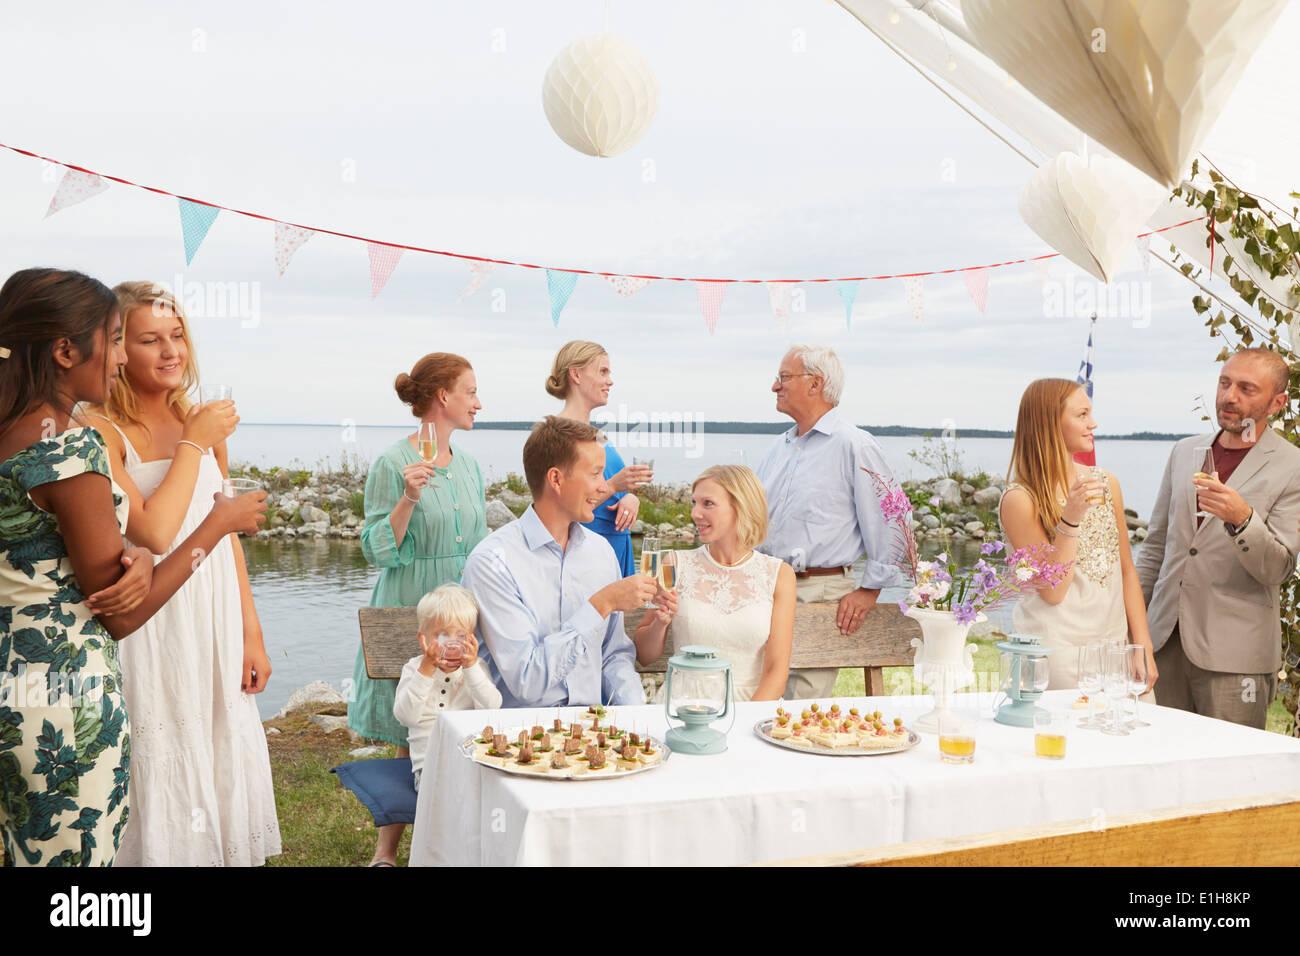 Mitte erwachsenes paar machen einen Toast mit Freunden bei Hochzeitsfeier Stockbild